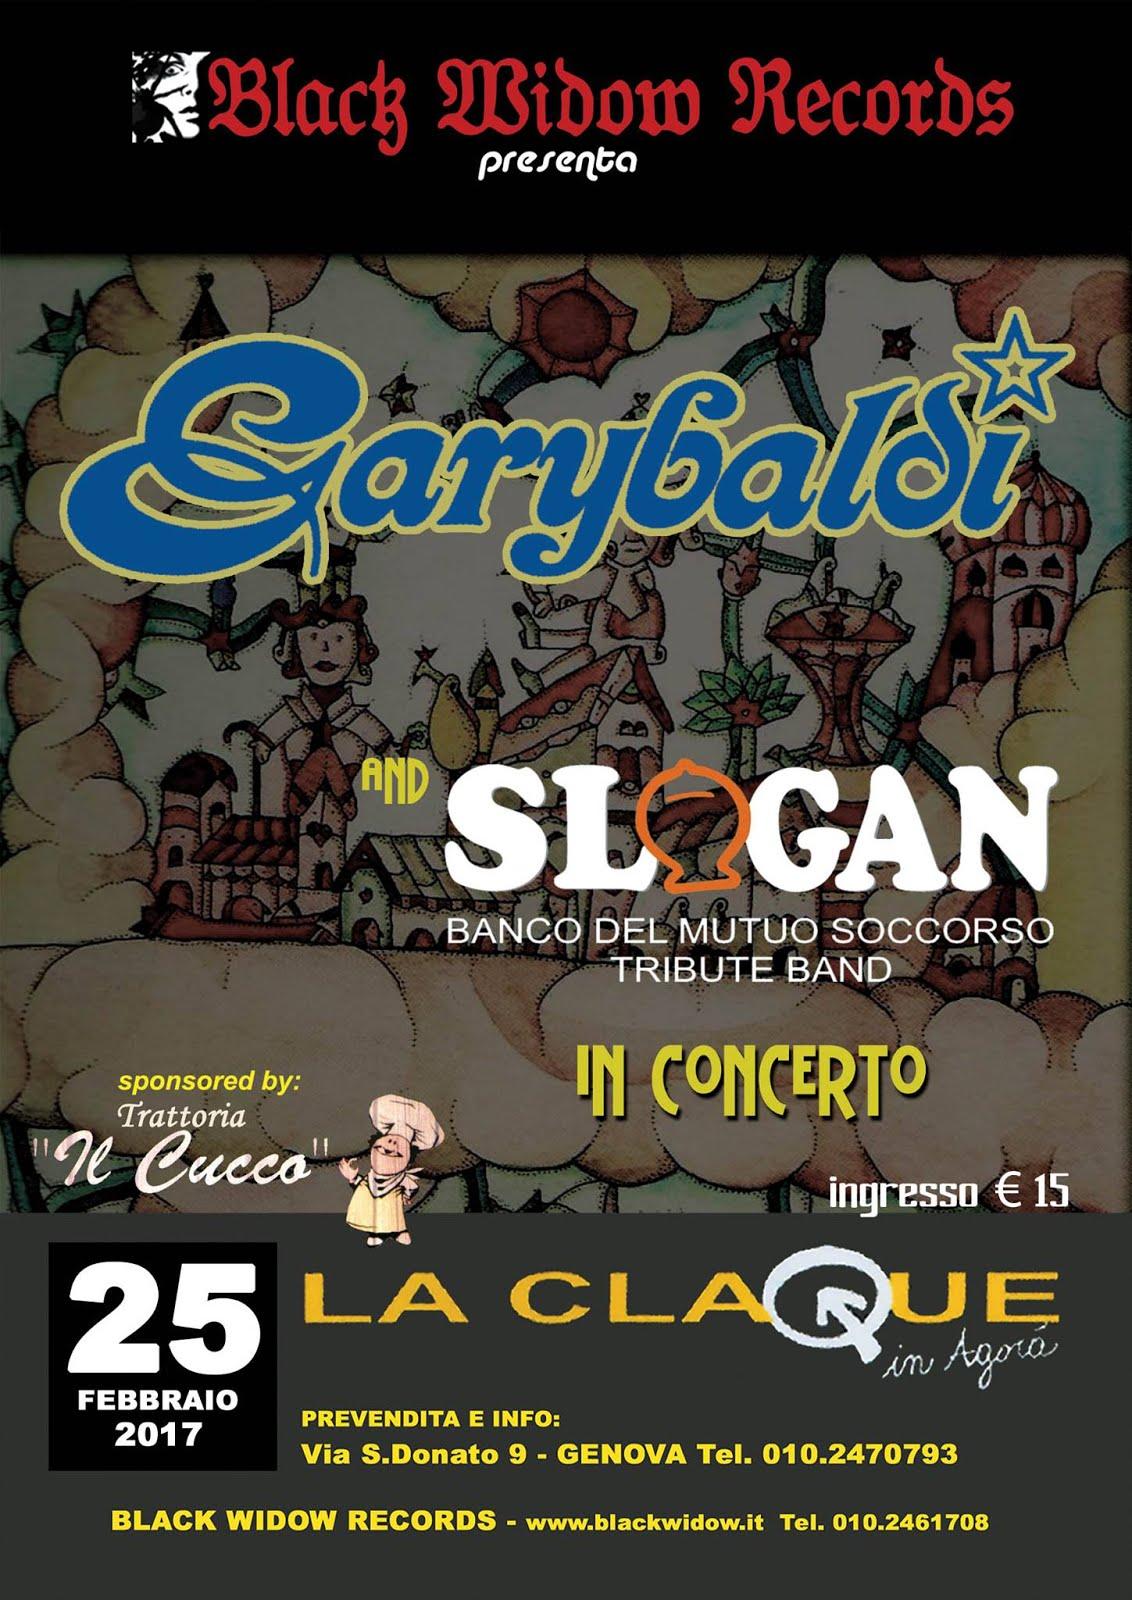 GARYBALDI + SLOGAN LIVE